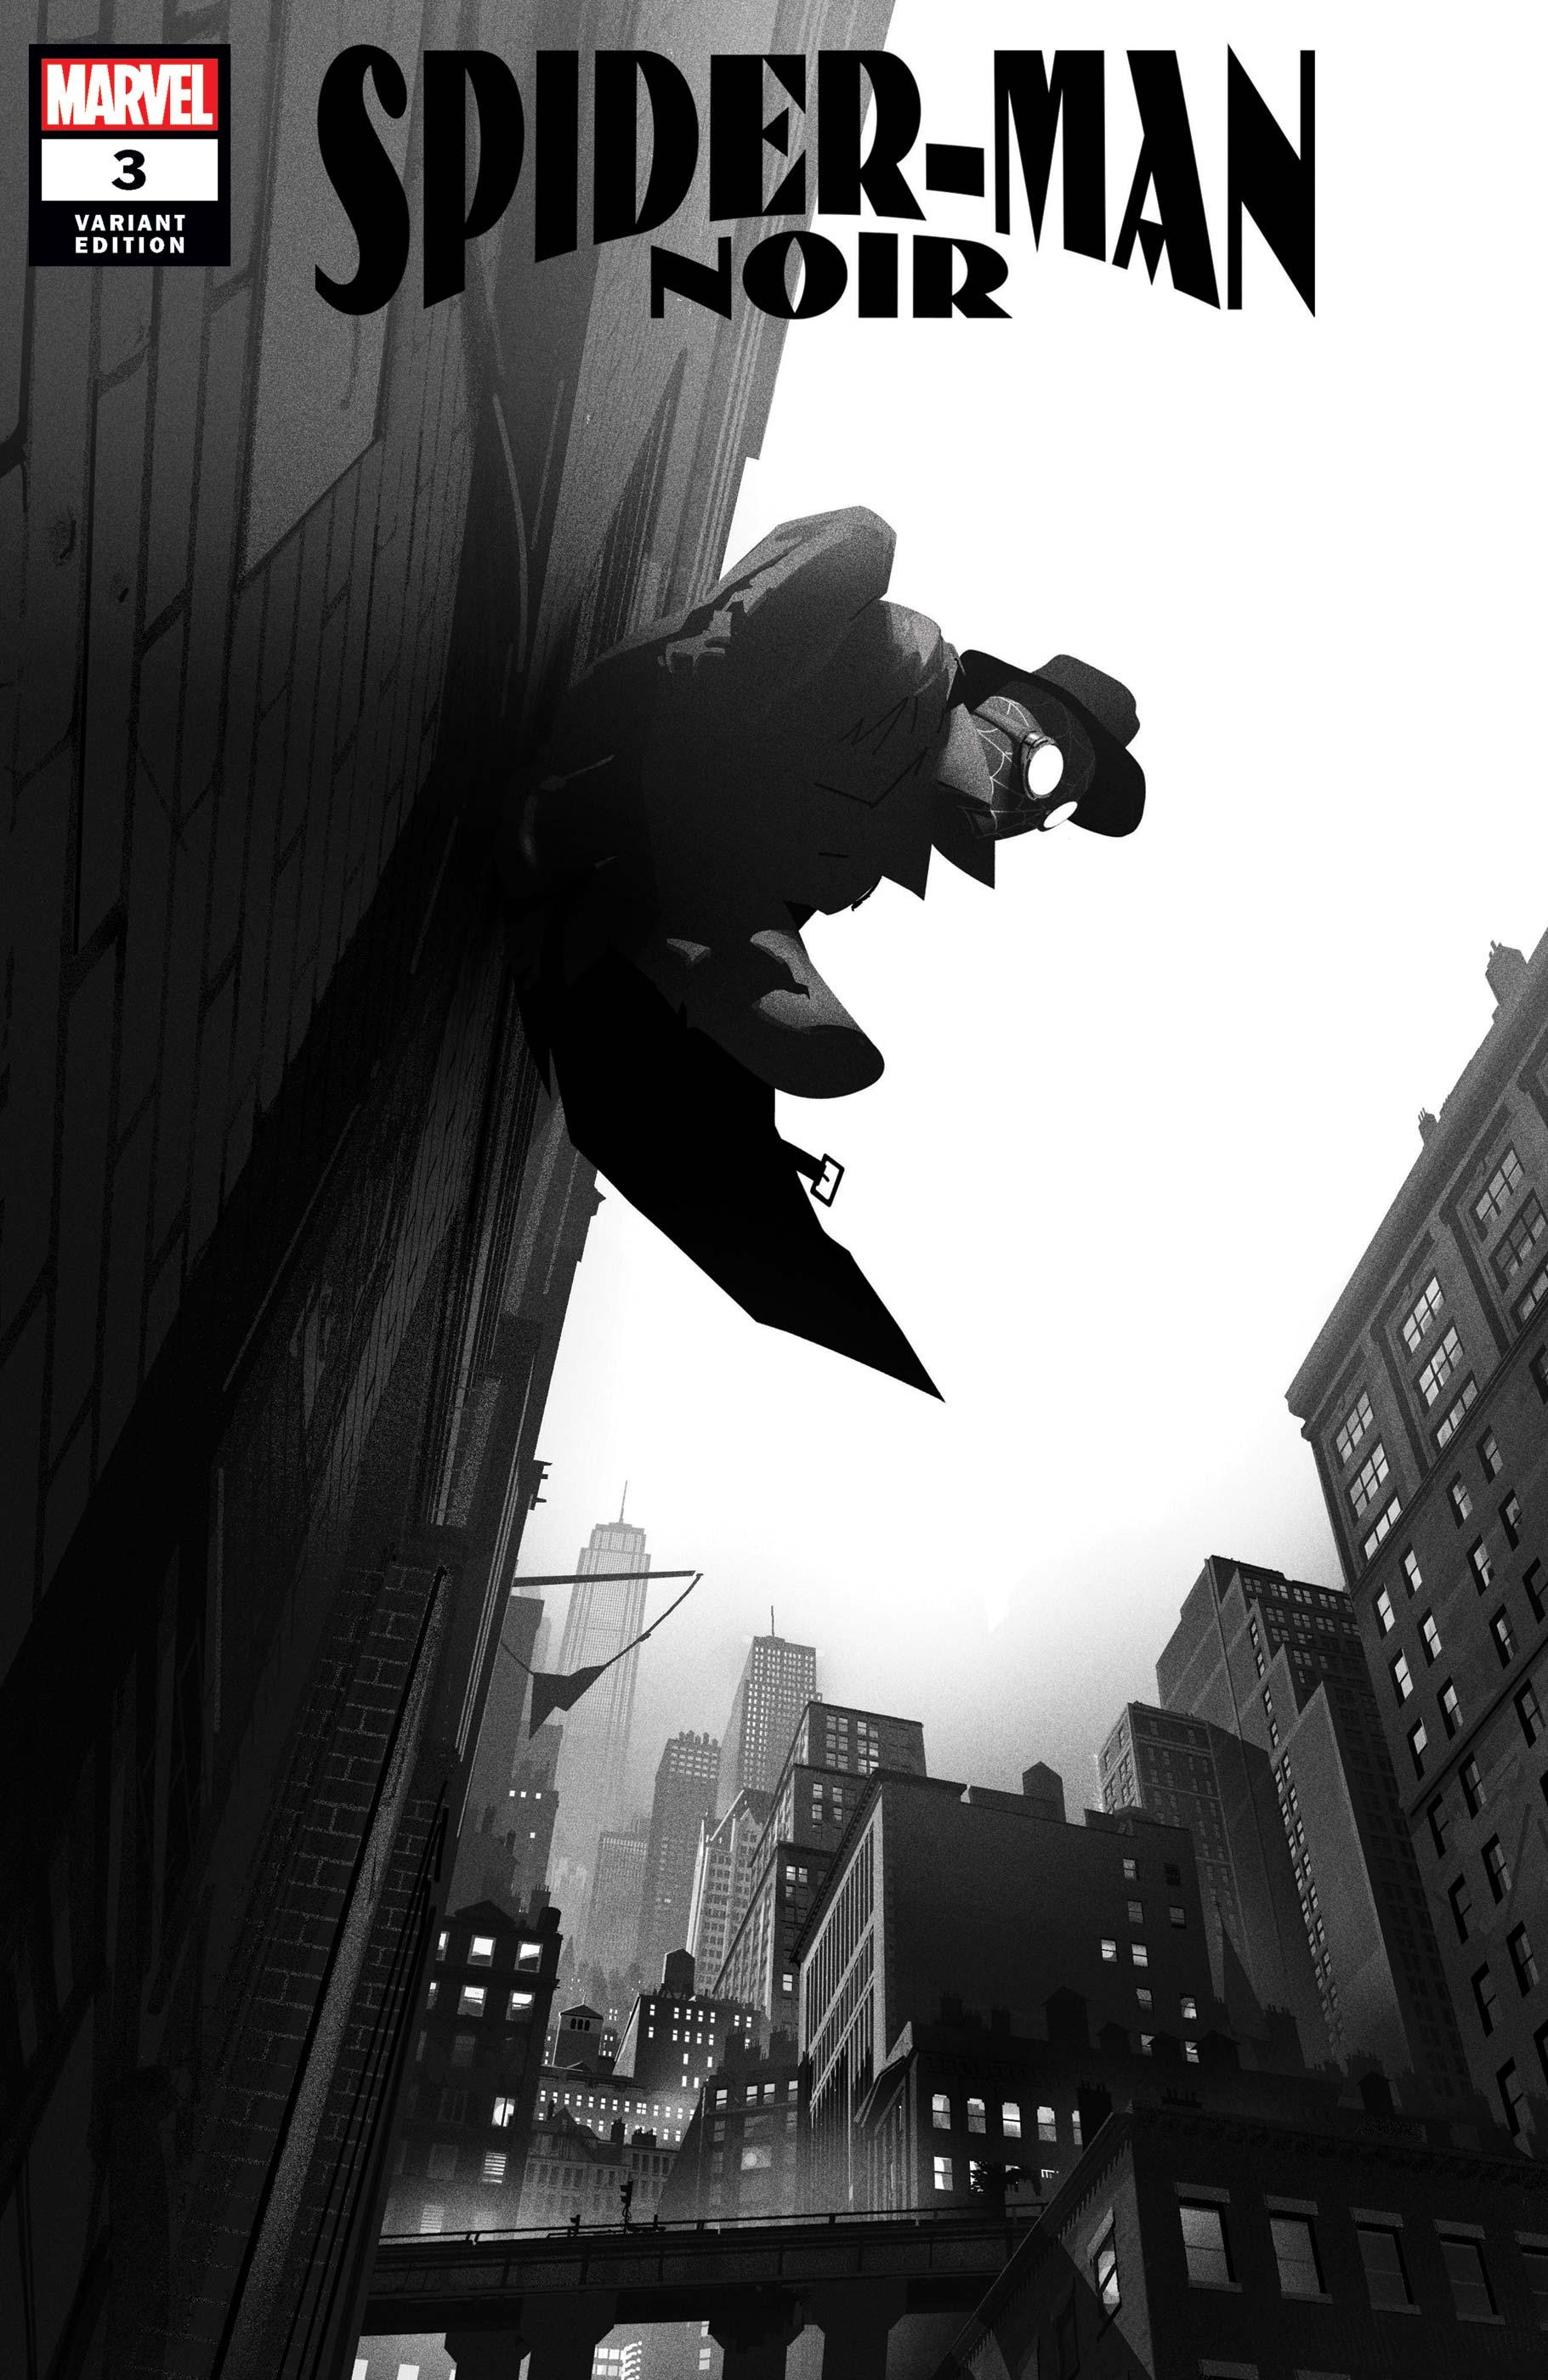 Spider-Man Noir (2020) #3 (Variant)